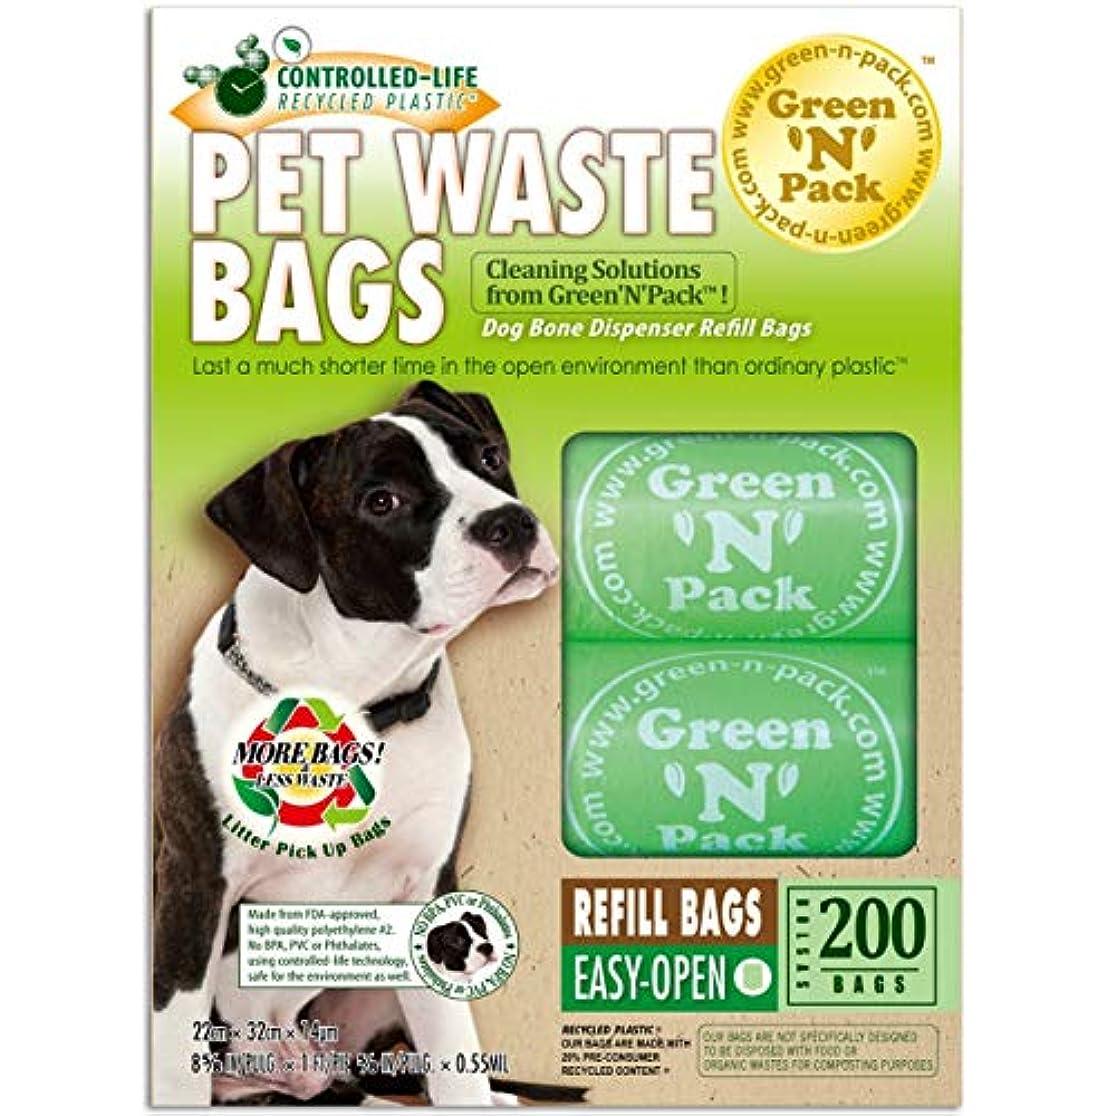 不変桃影のあるGreen 'N' Pack Eco Friendly Bags - 犬Pooは日 75 パックを袋に入れる - 200バッグ